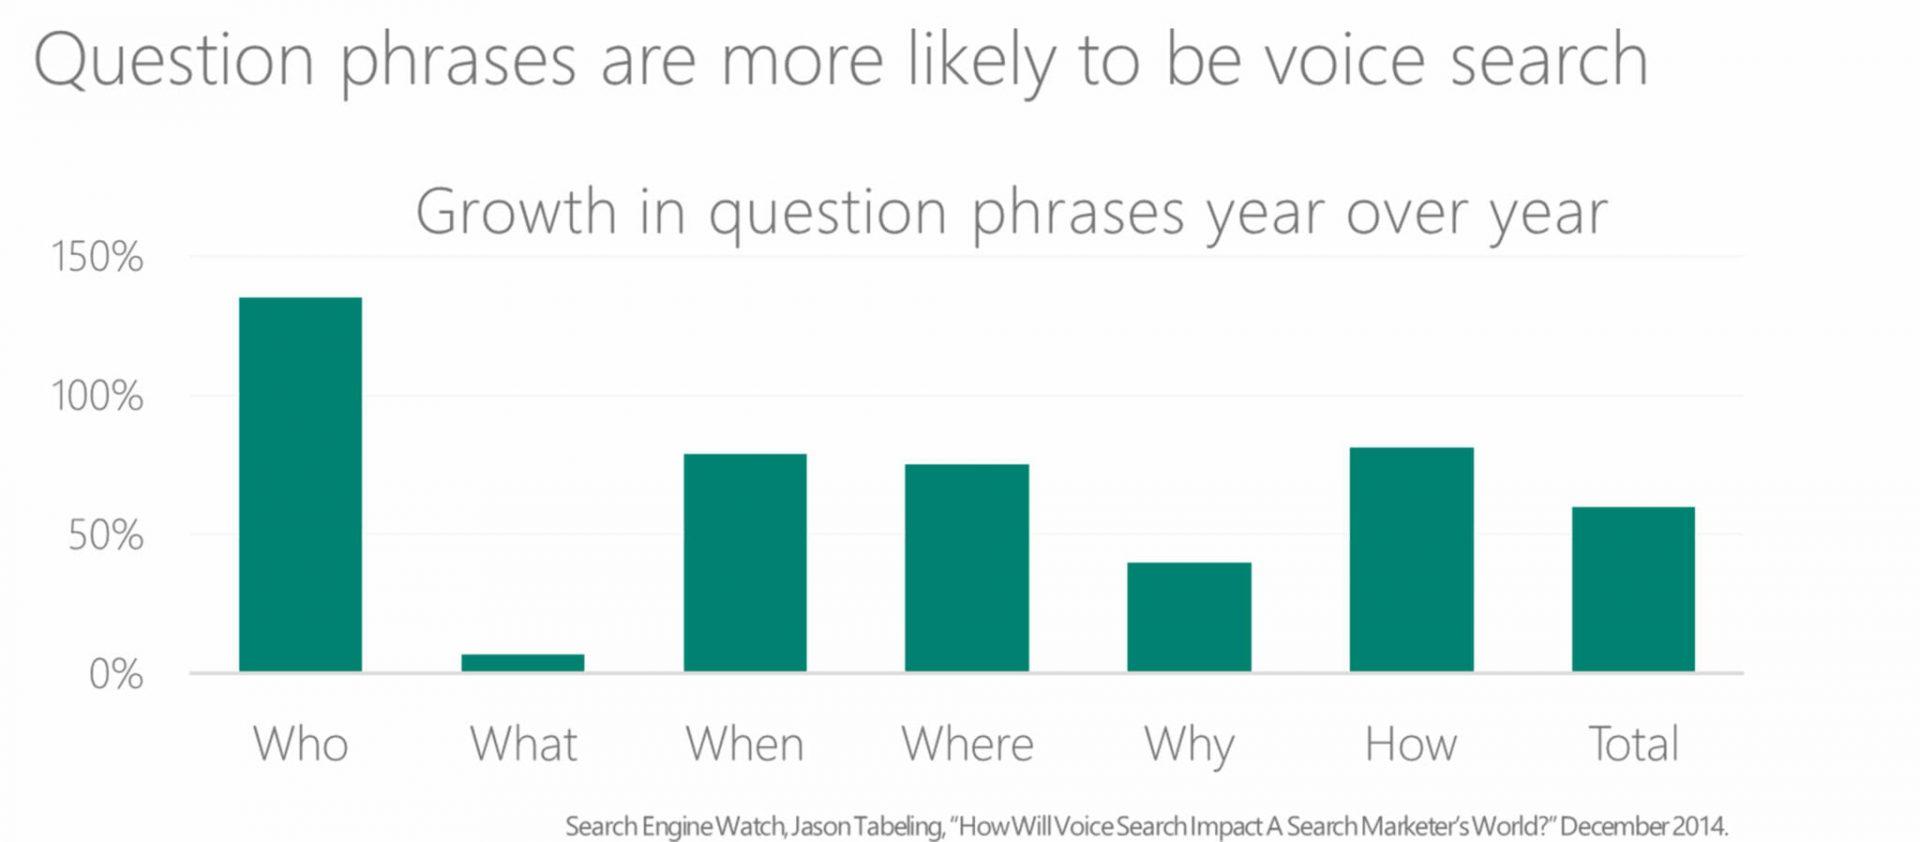 cách seo web hiệu quả - cụm từ câu hỏi tốt nhất cho tìm kiếm bằng giọng nói